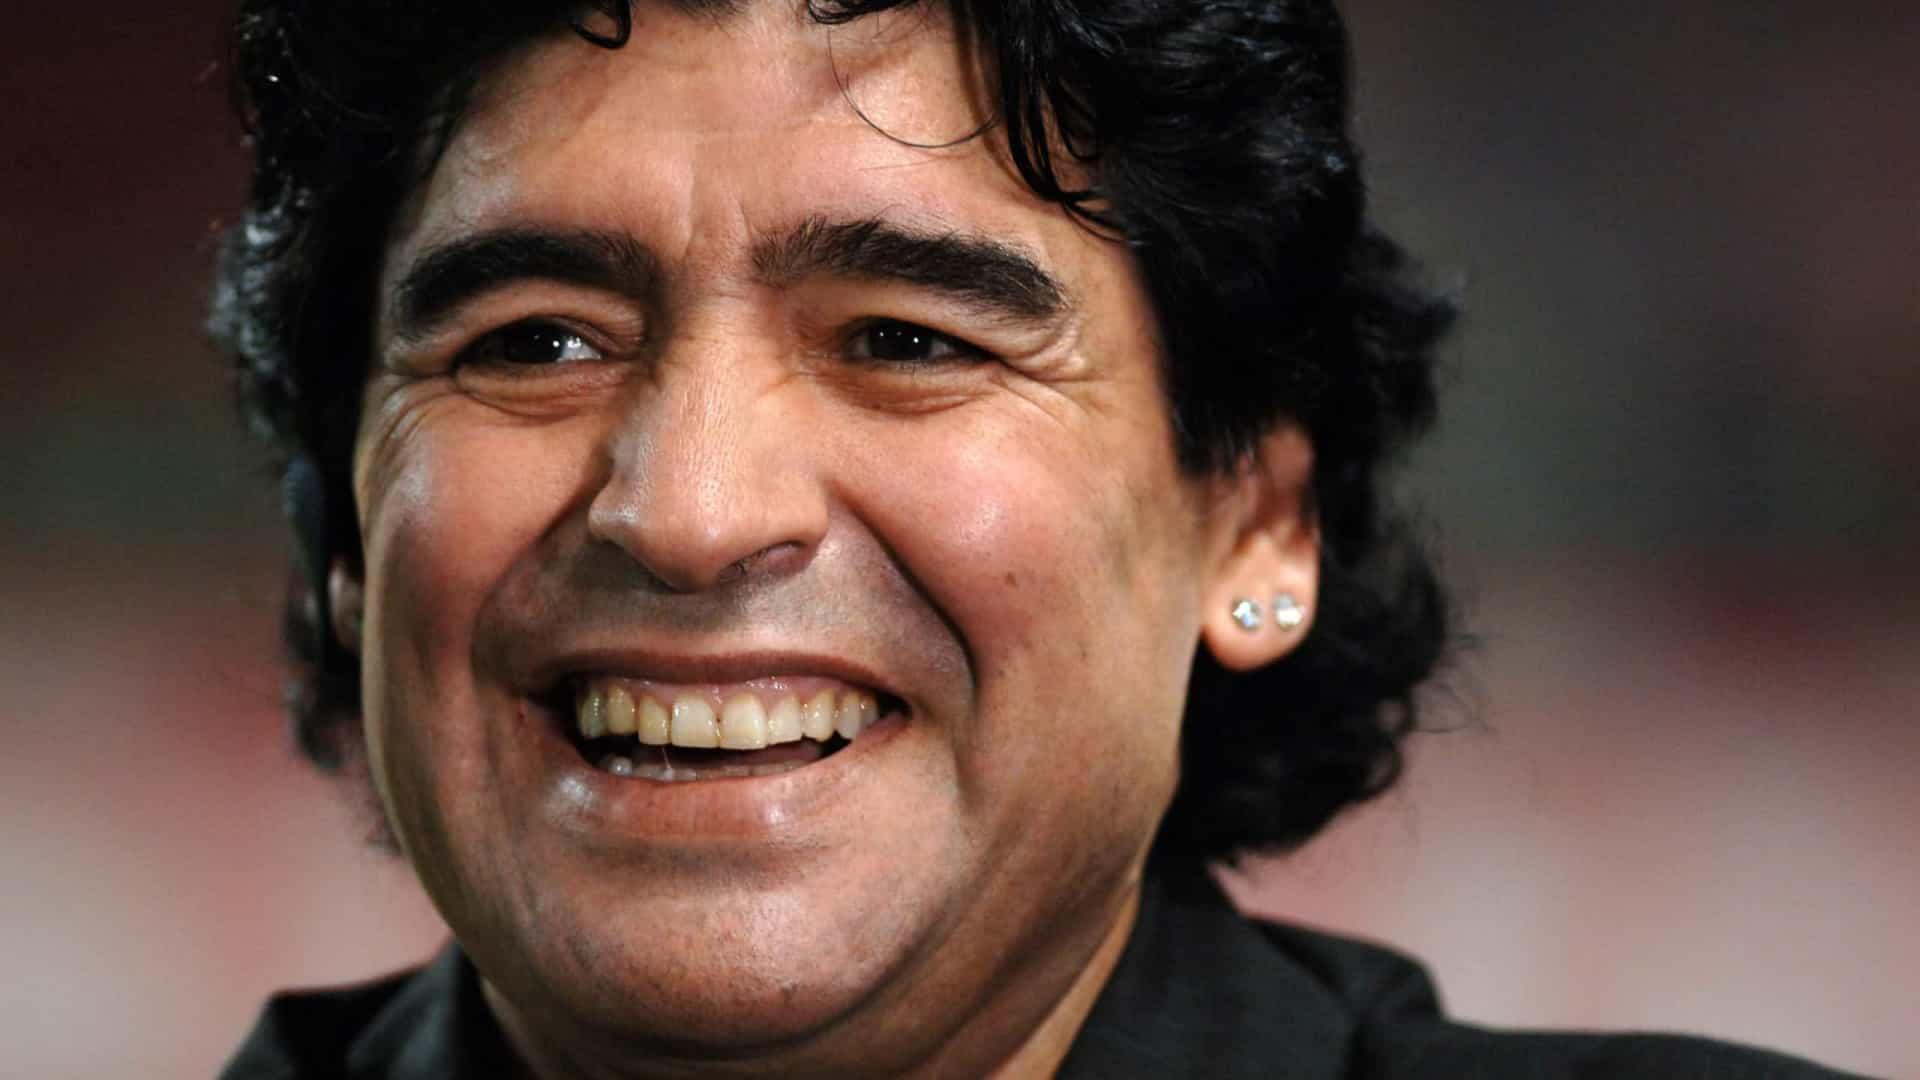 """naom 5fa3130746ad8 - Maradona """"está melhor"""" e inclusive já assistiu um jogo de sua equipe"""